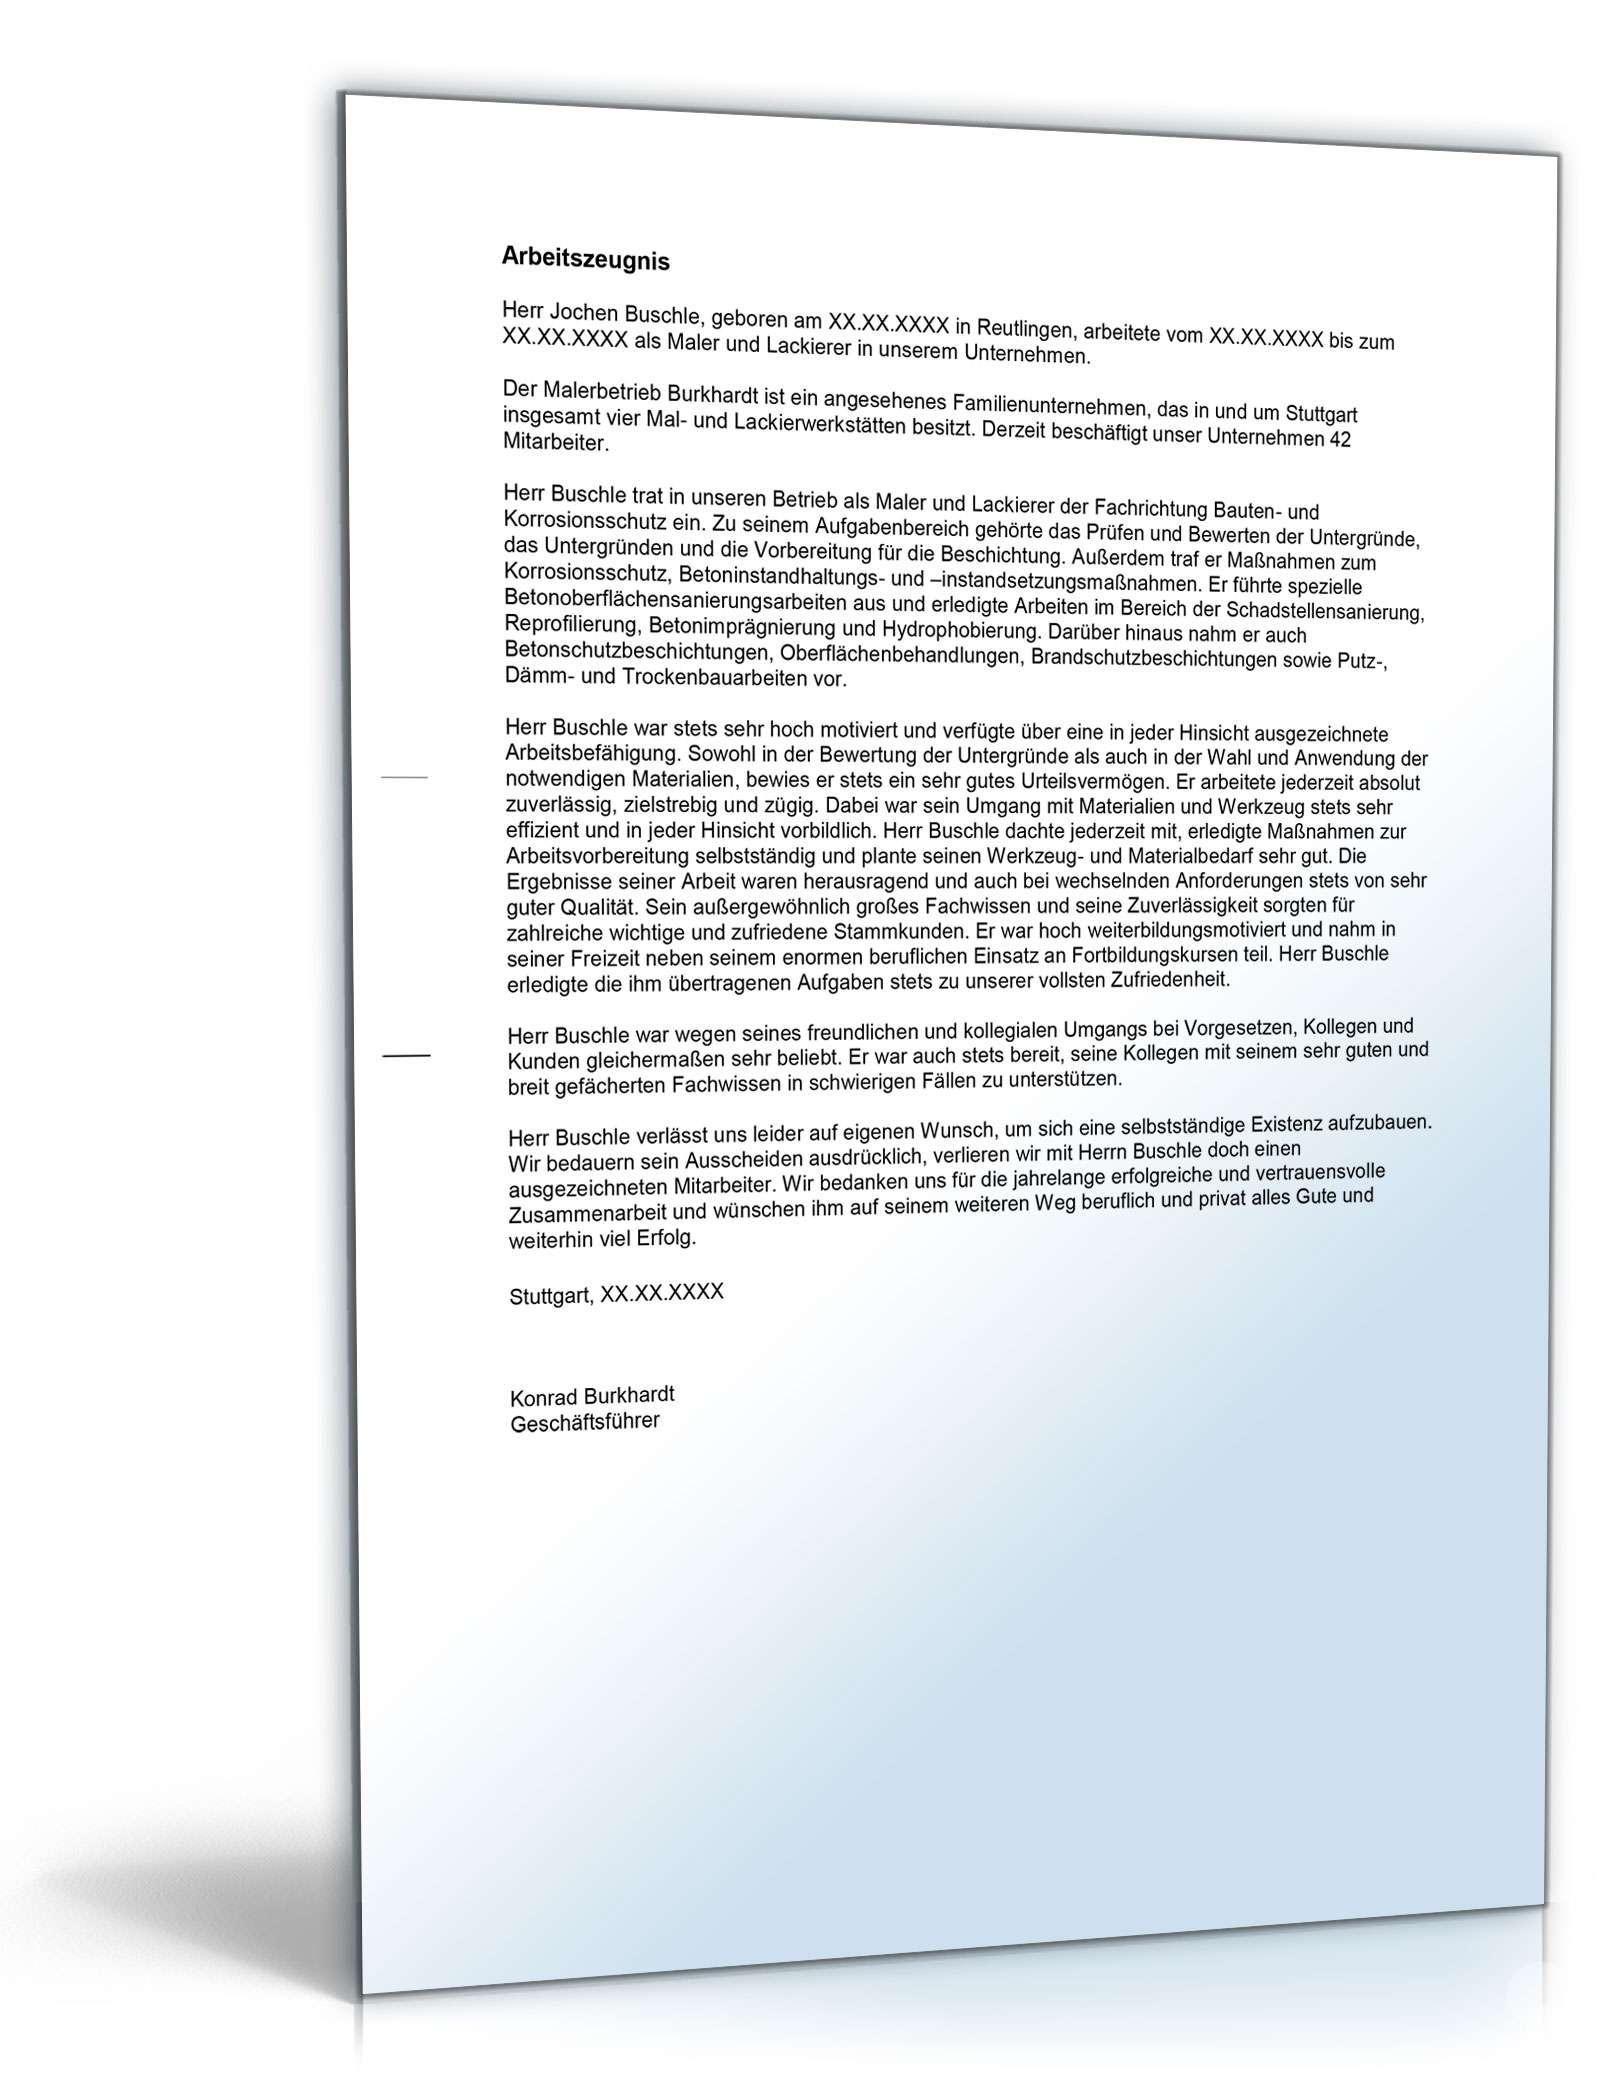 Arbeitszeugnis Maler: Rechtssichere Muster zum Download